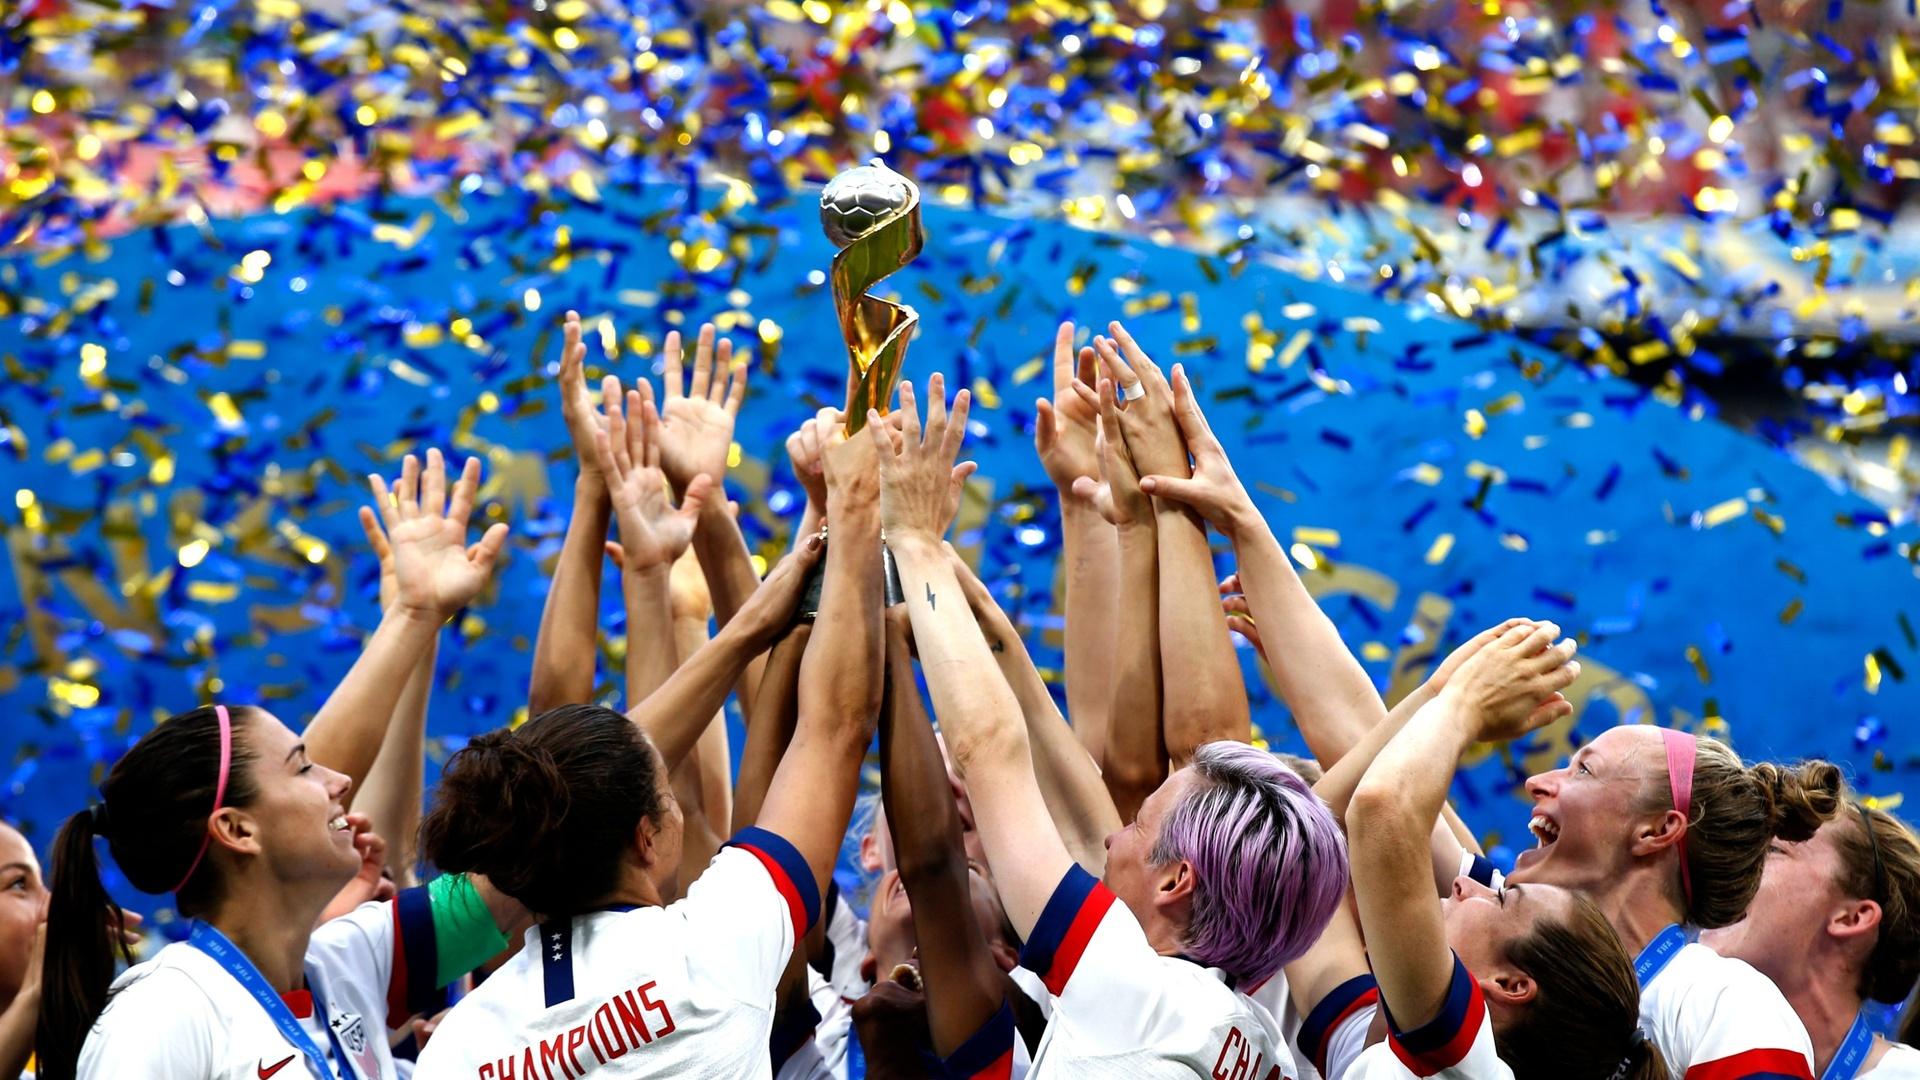 عرض ثلاثي يسعى لتنظيم كأس العالم للجنس اللطيف - 2027